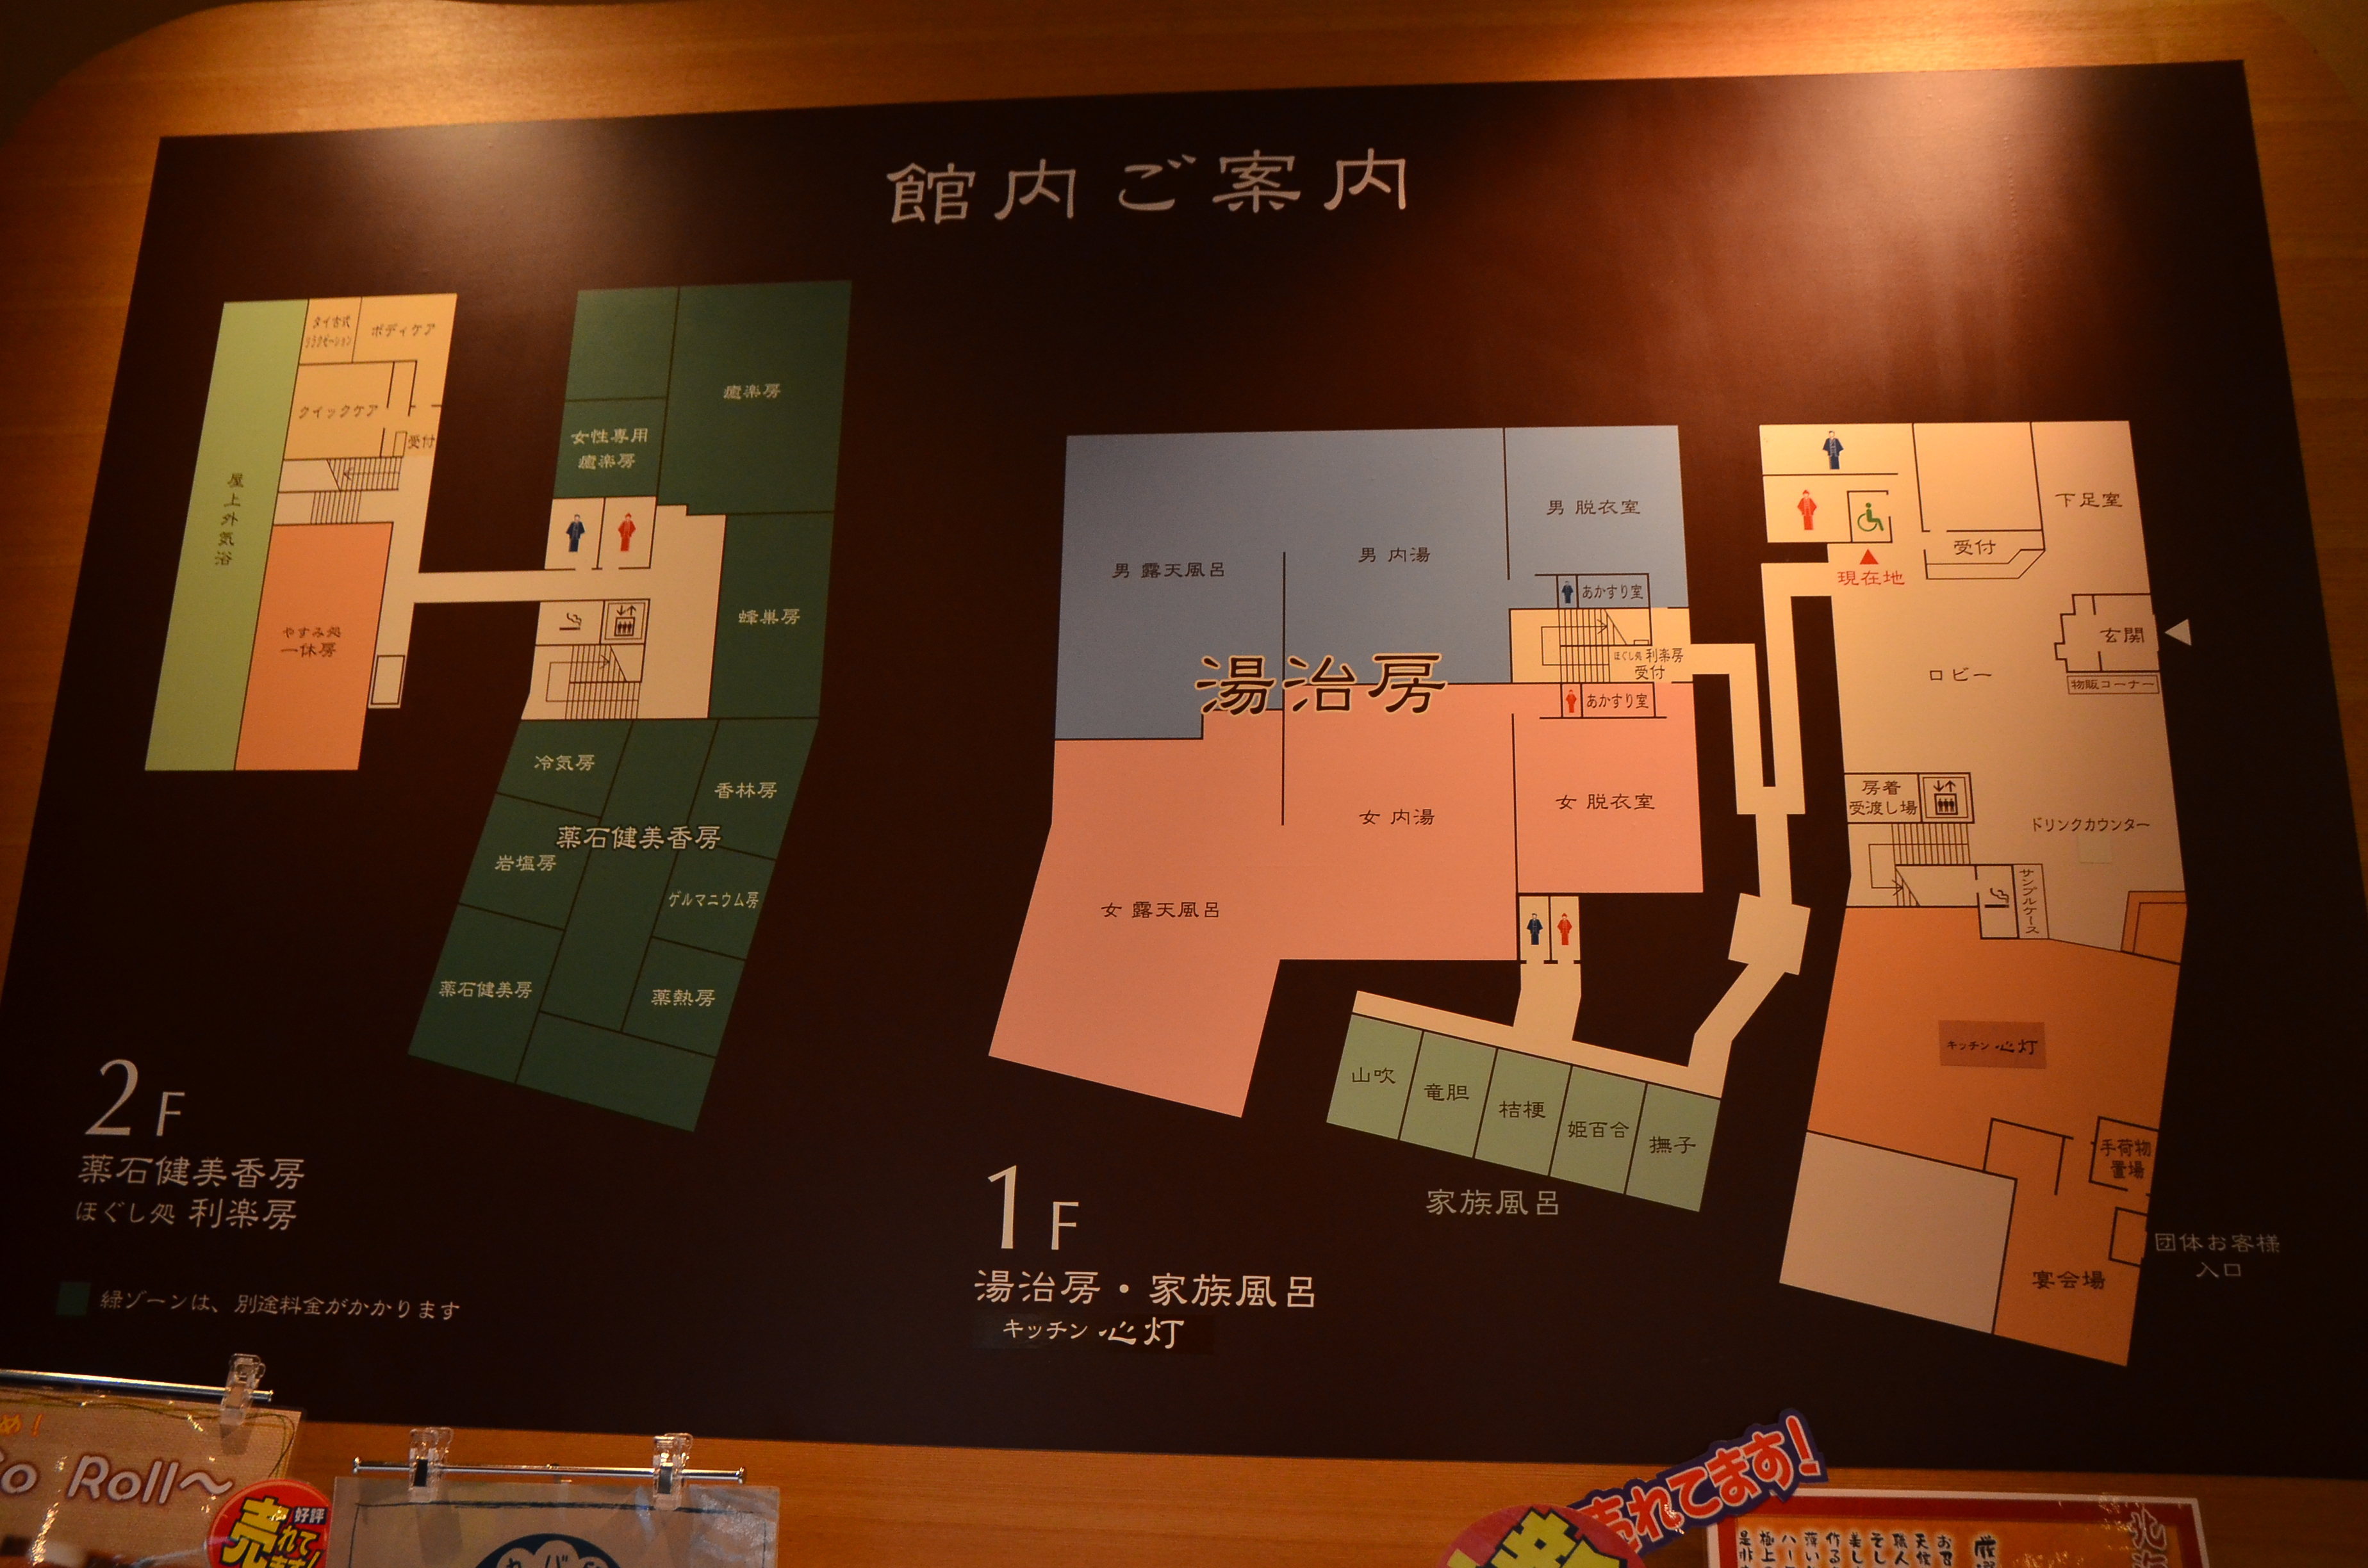 波葉之湯一樓平面圖介紹